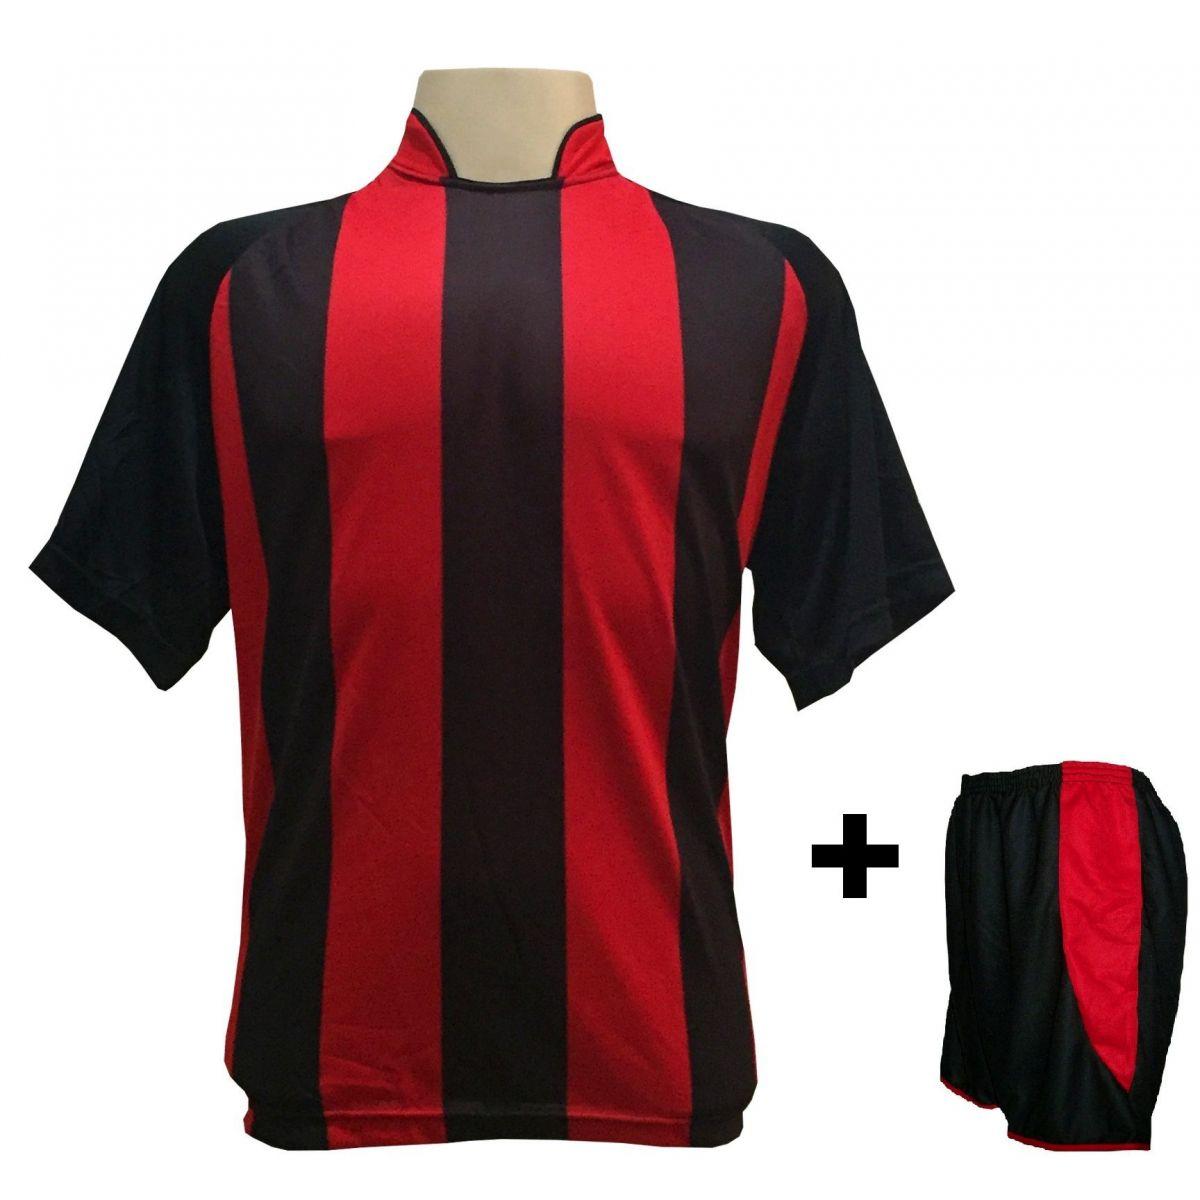 Uniforme Esportivo com 18 camisas modelo Milan Preto/Vermelho + 18 calções modelo Copa + 1 Goleiro + Brindes